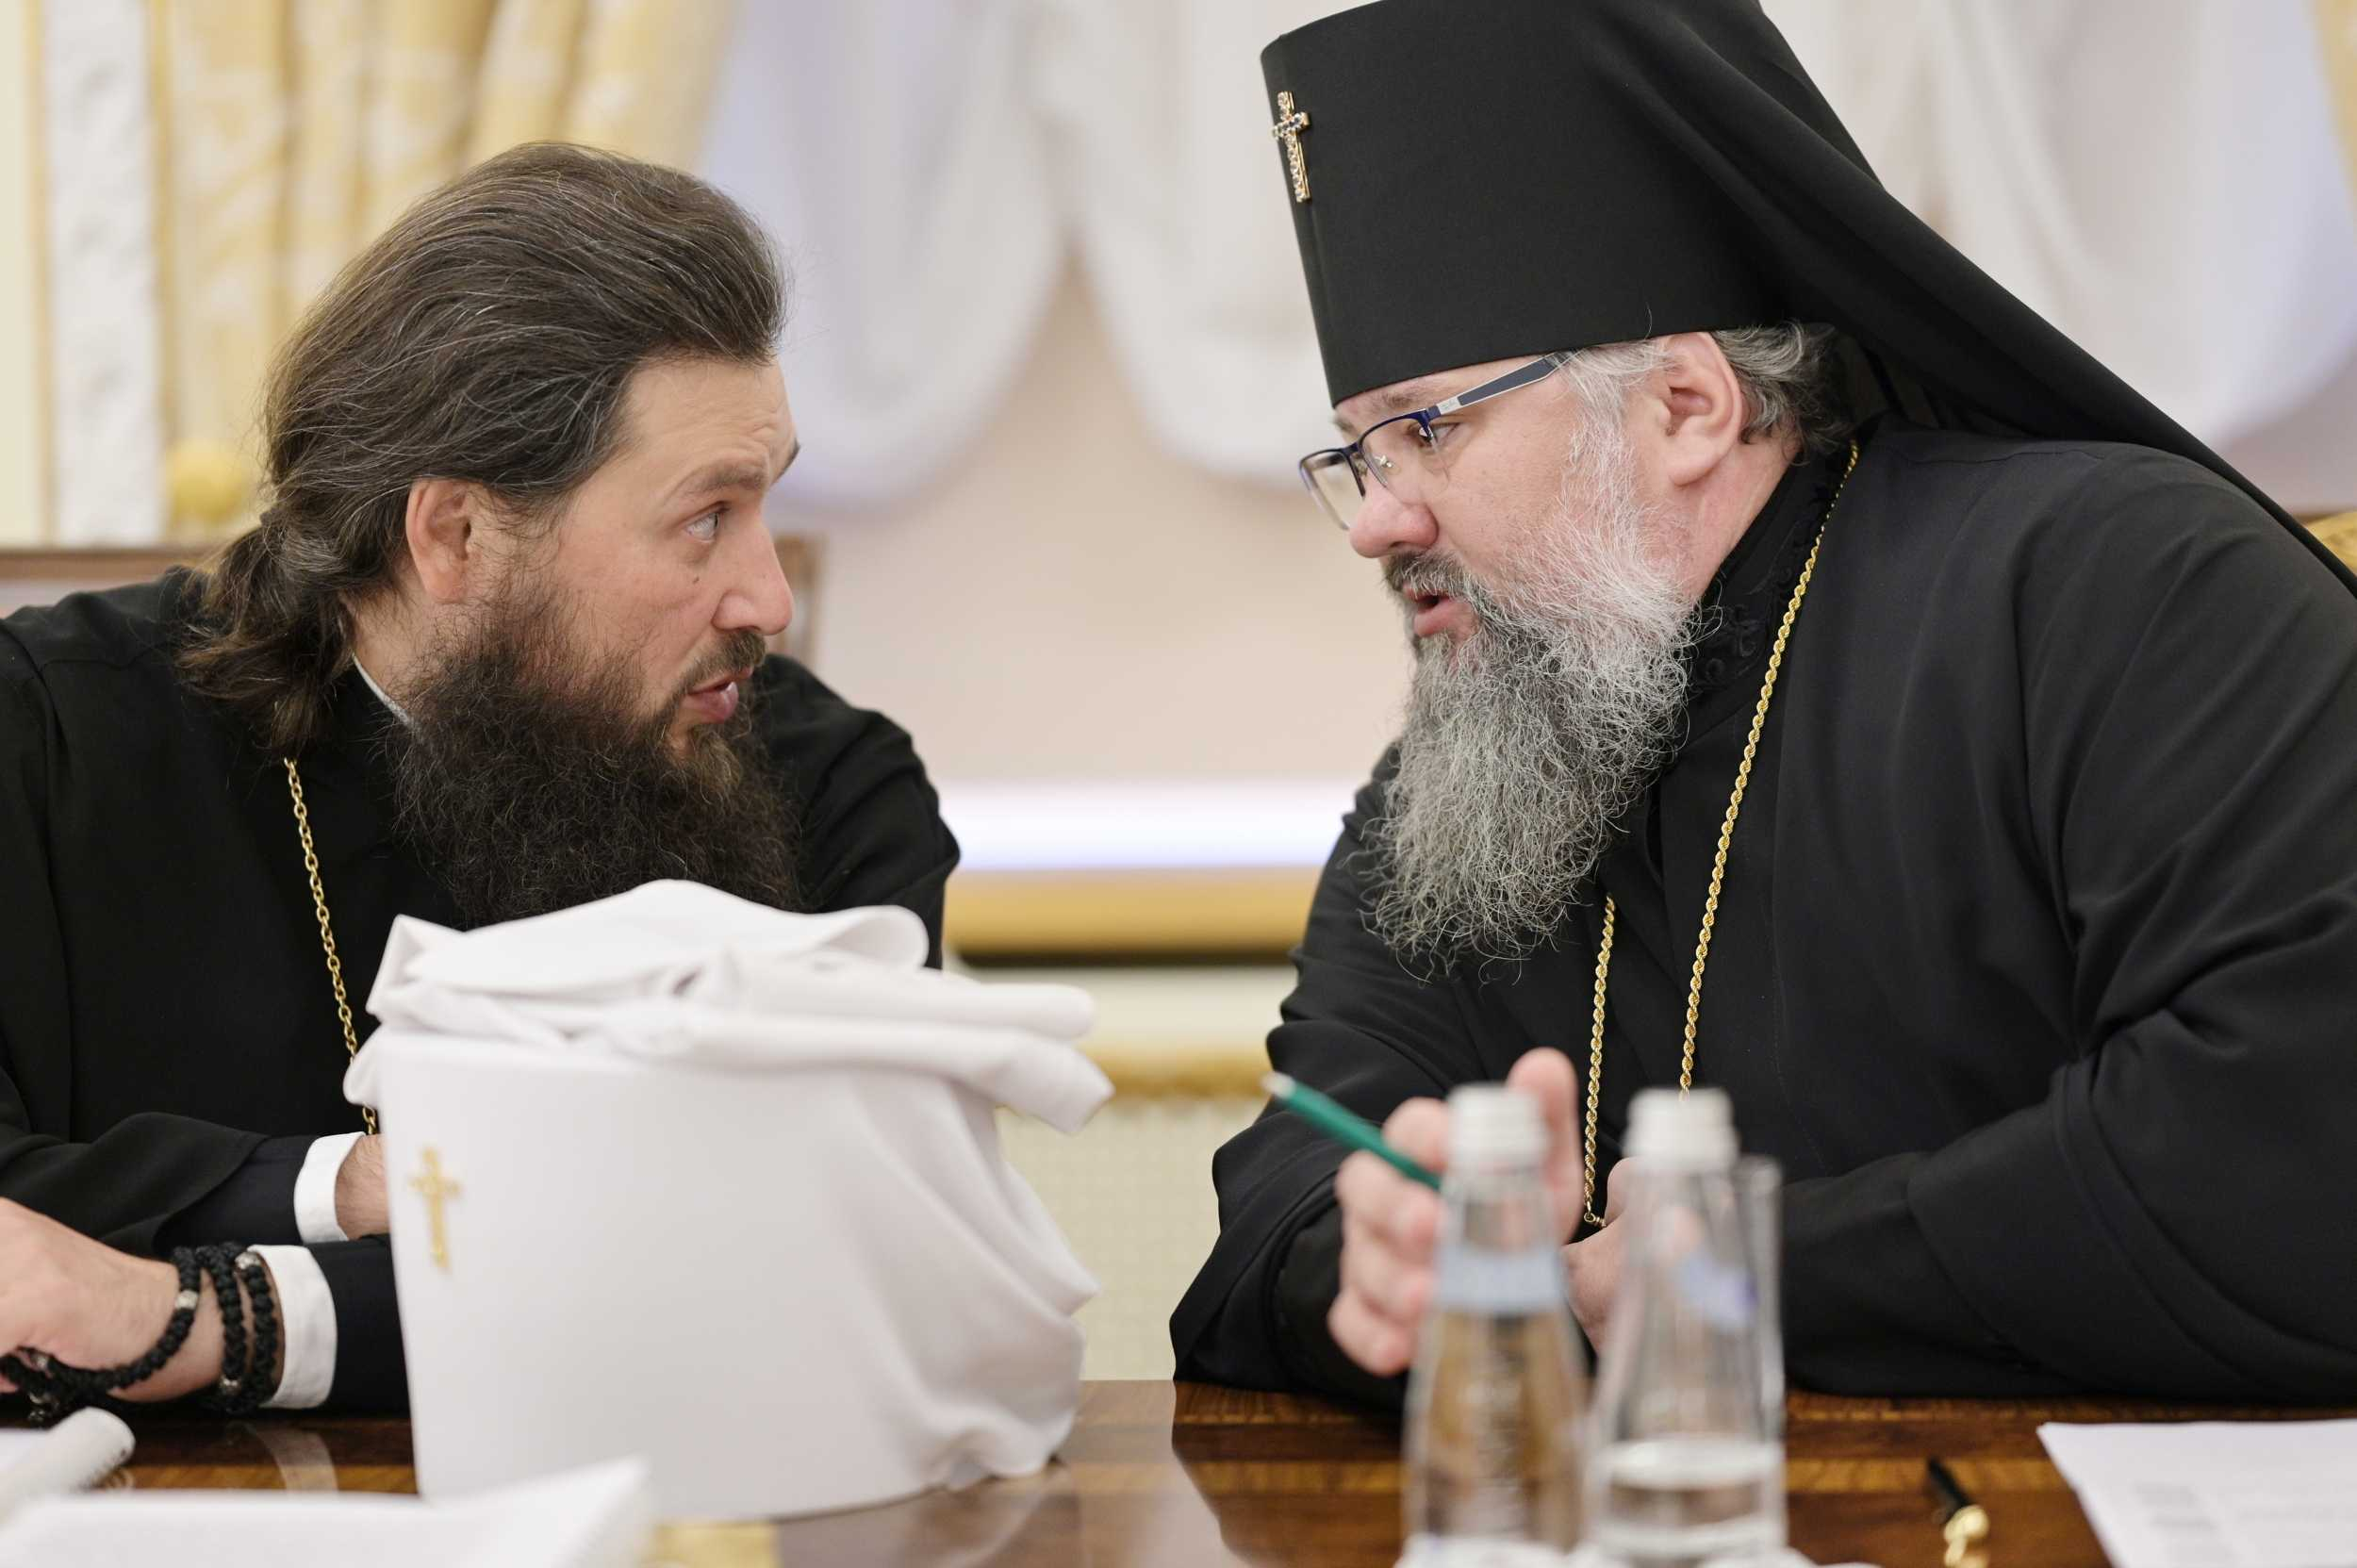 Синод РПЦ: визит Патриарха Варфоломея в Киев - грубое нарушение